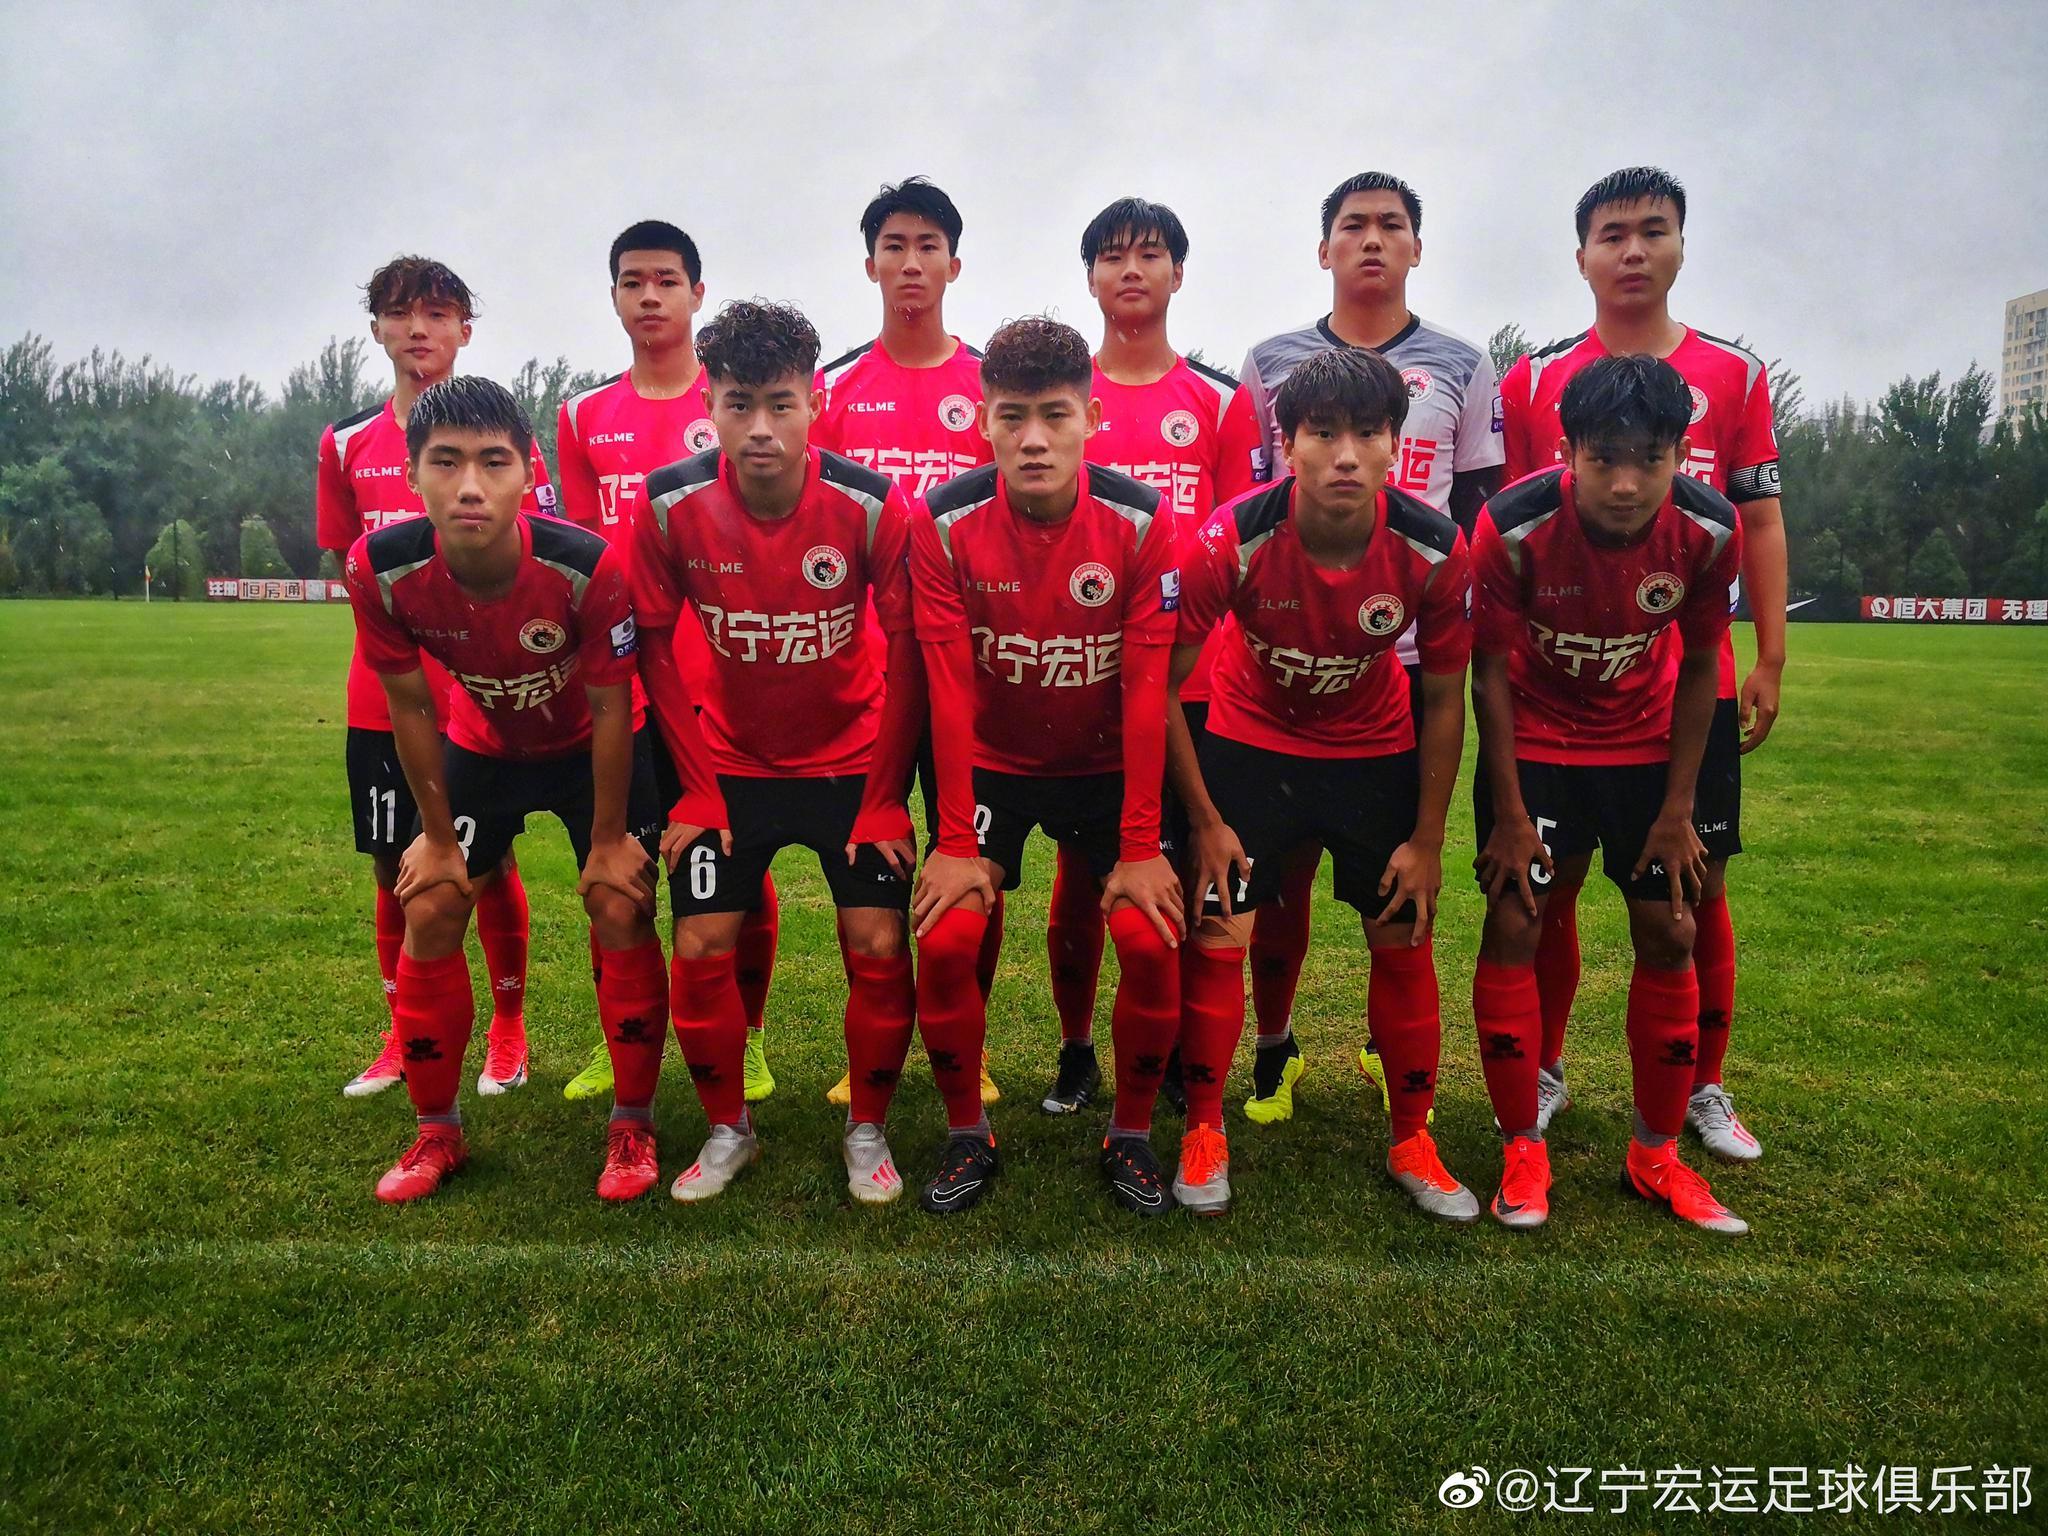 U19青超联赛